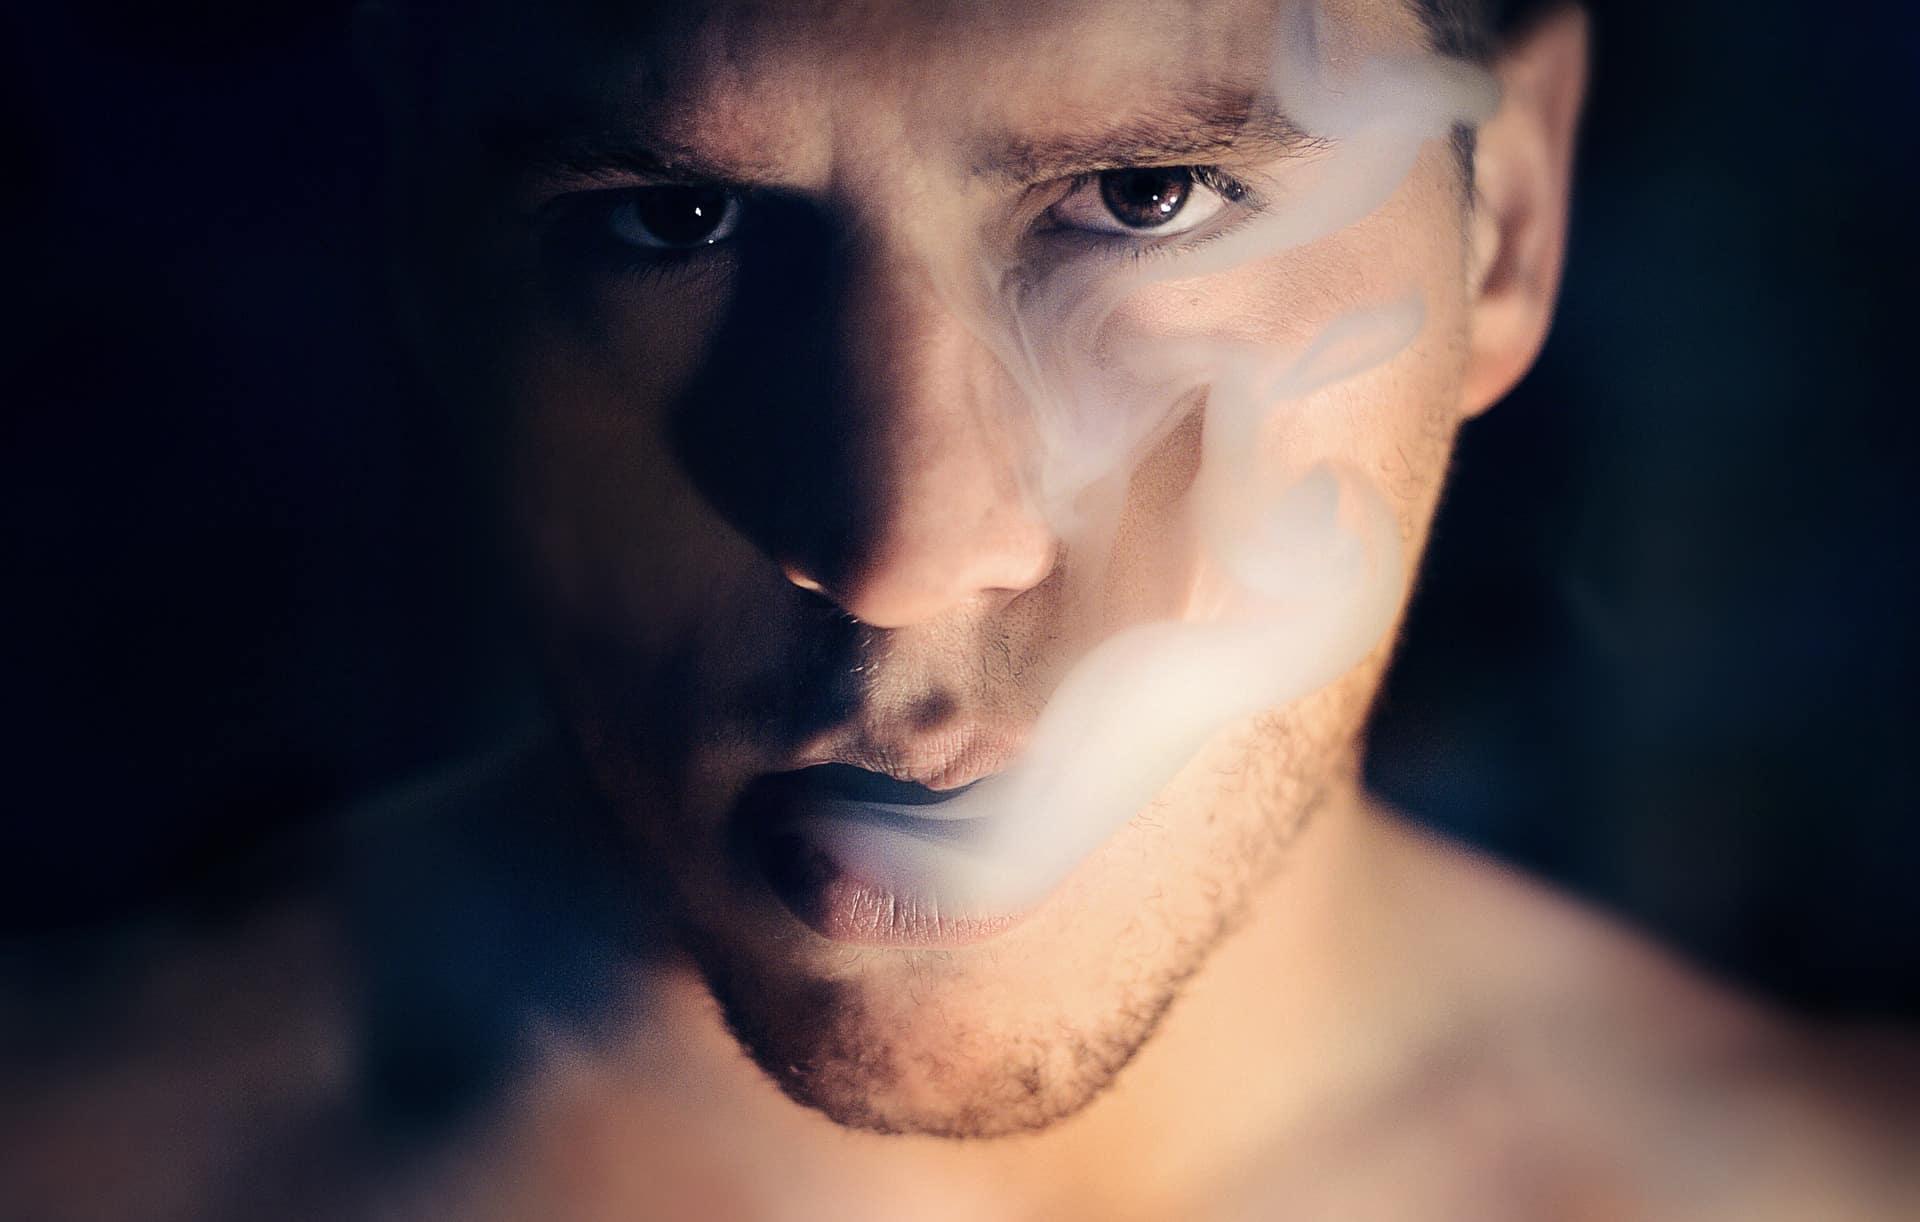 Mann am Rauchen Model